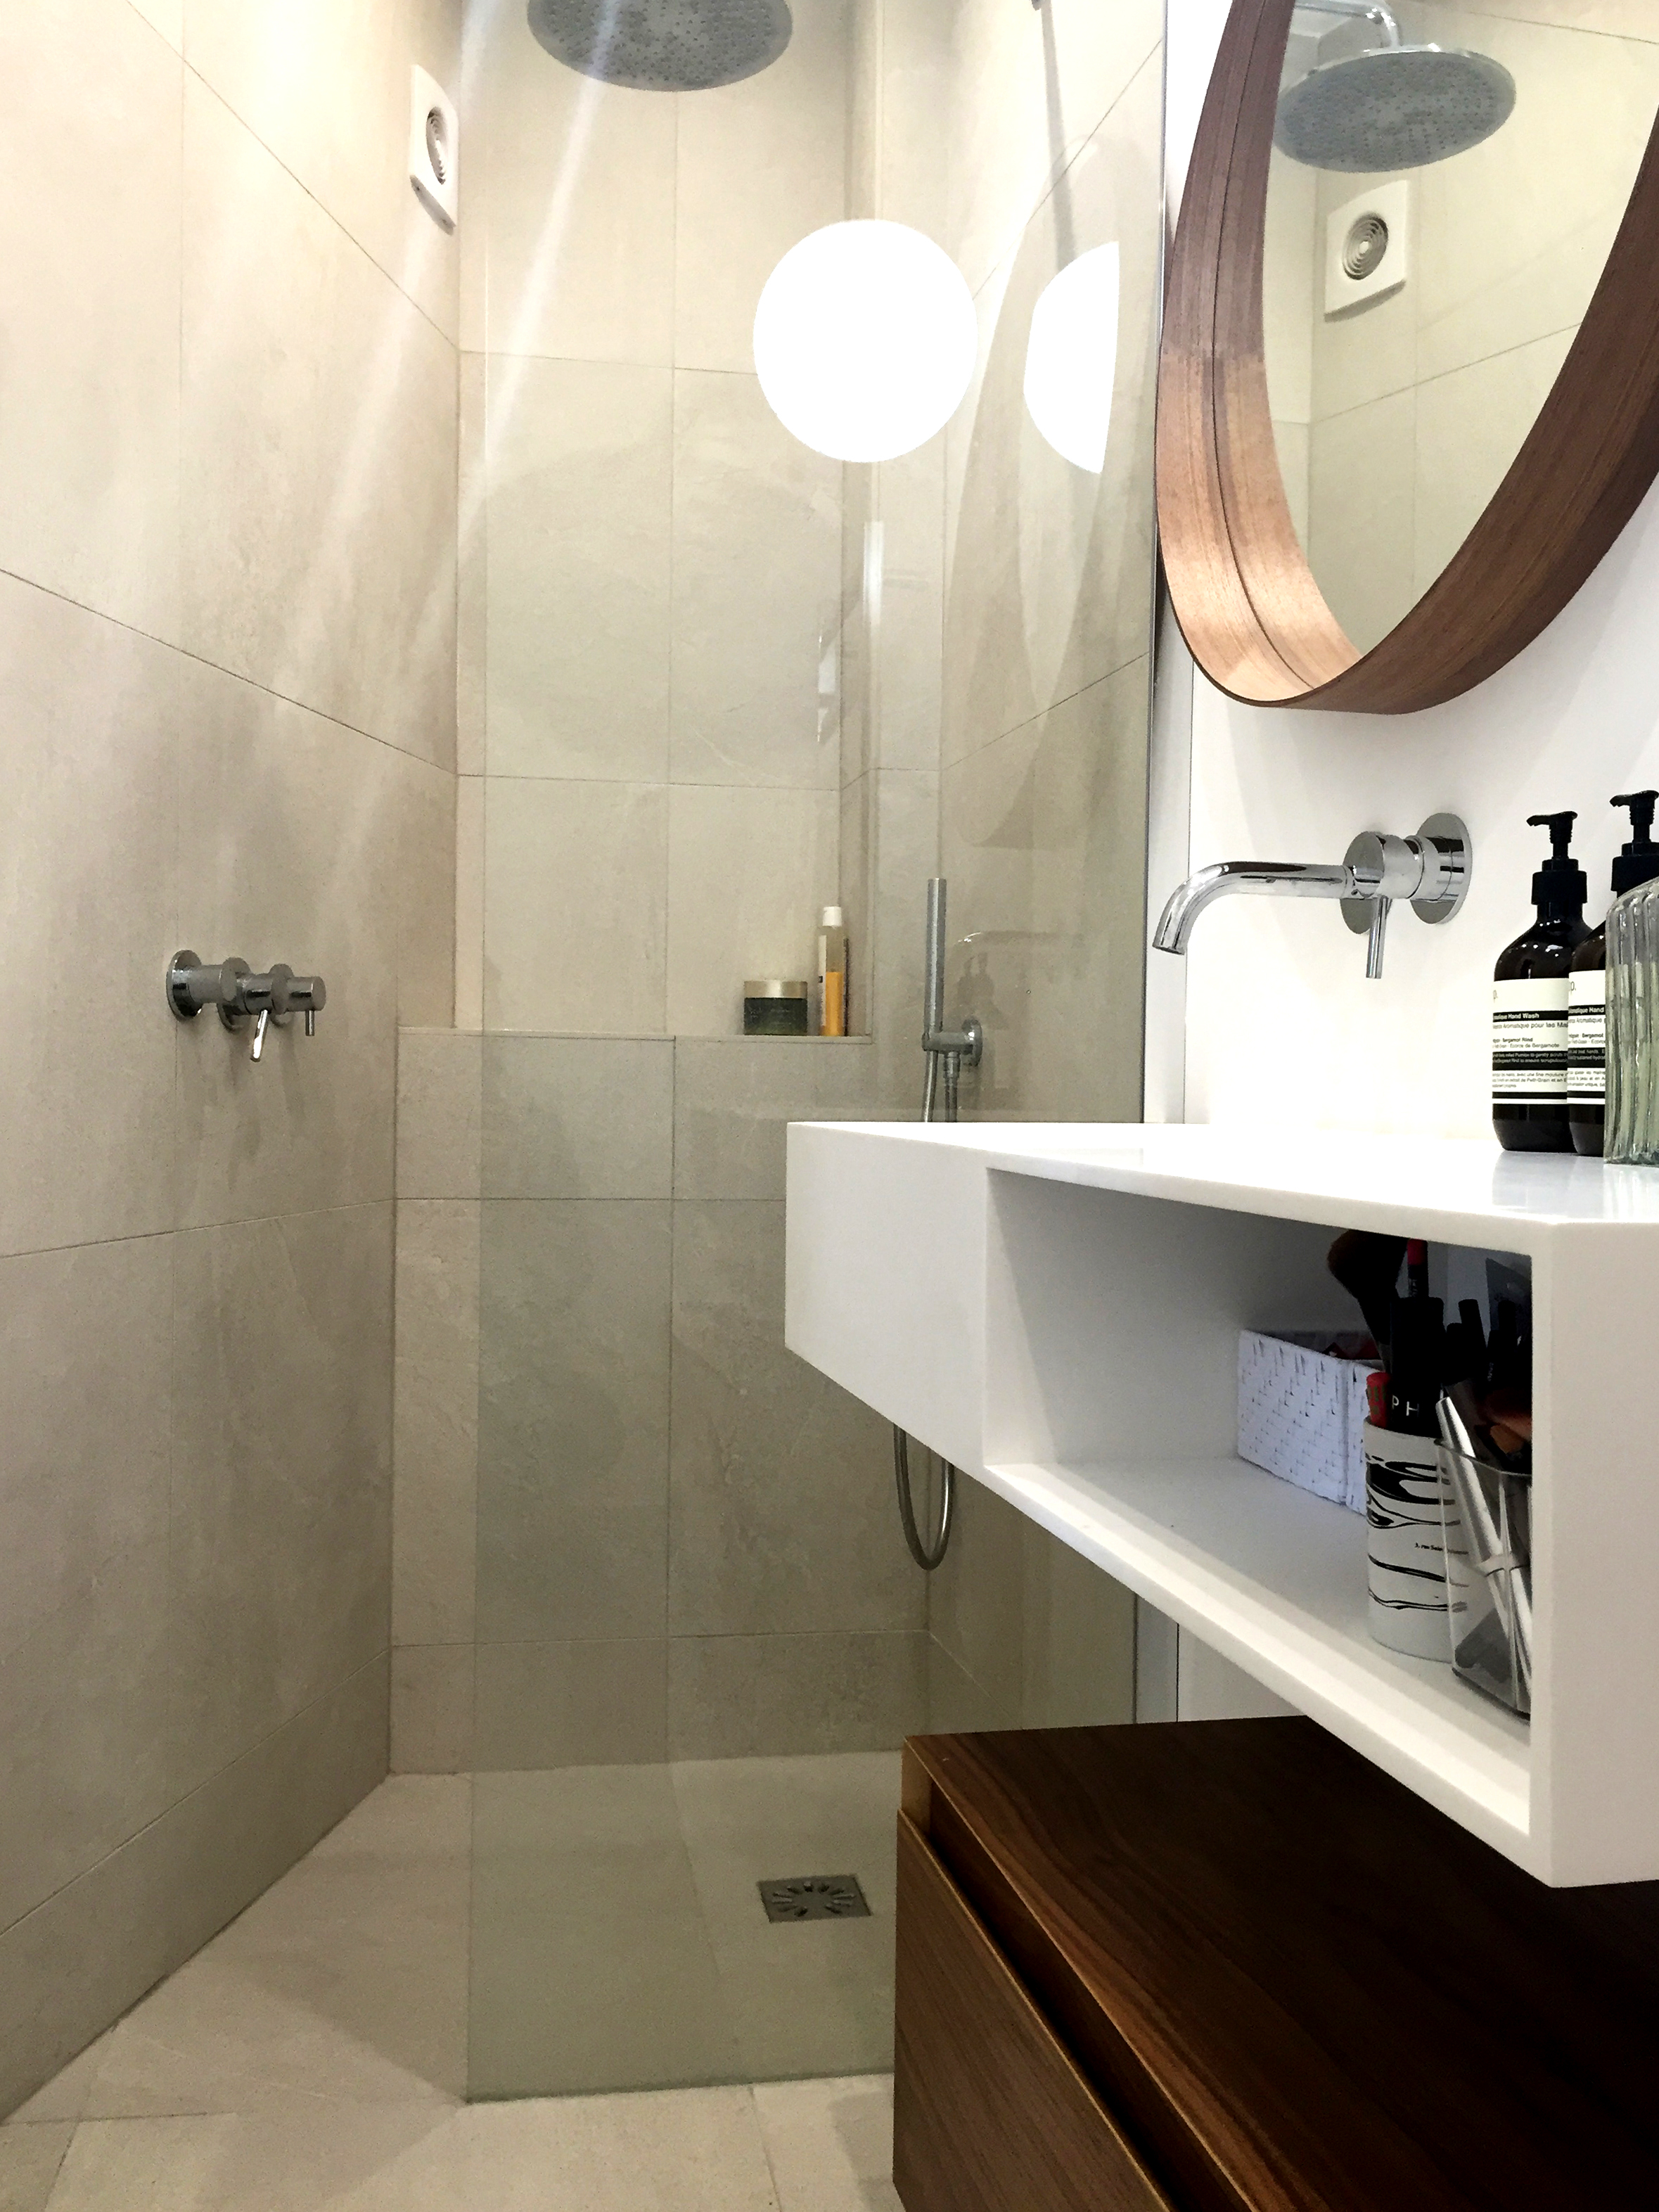 Amenagement Petite Salle De Bain Wc aménager une salle de bain dans un studio | petite salle de bain